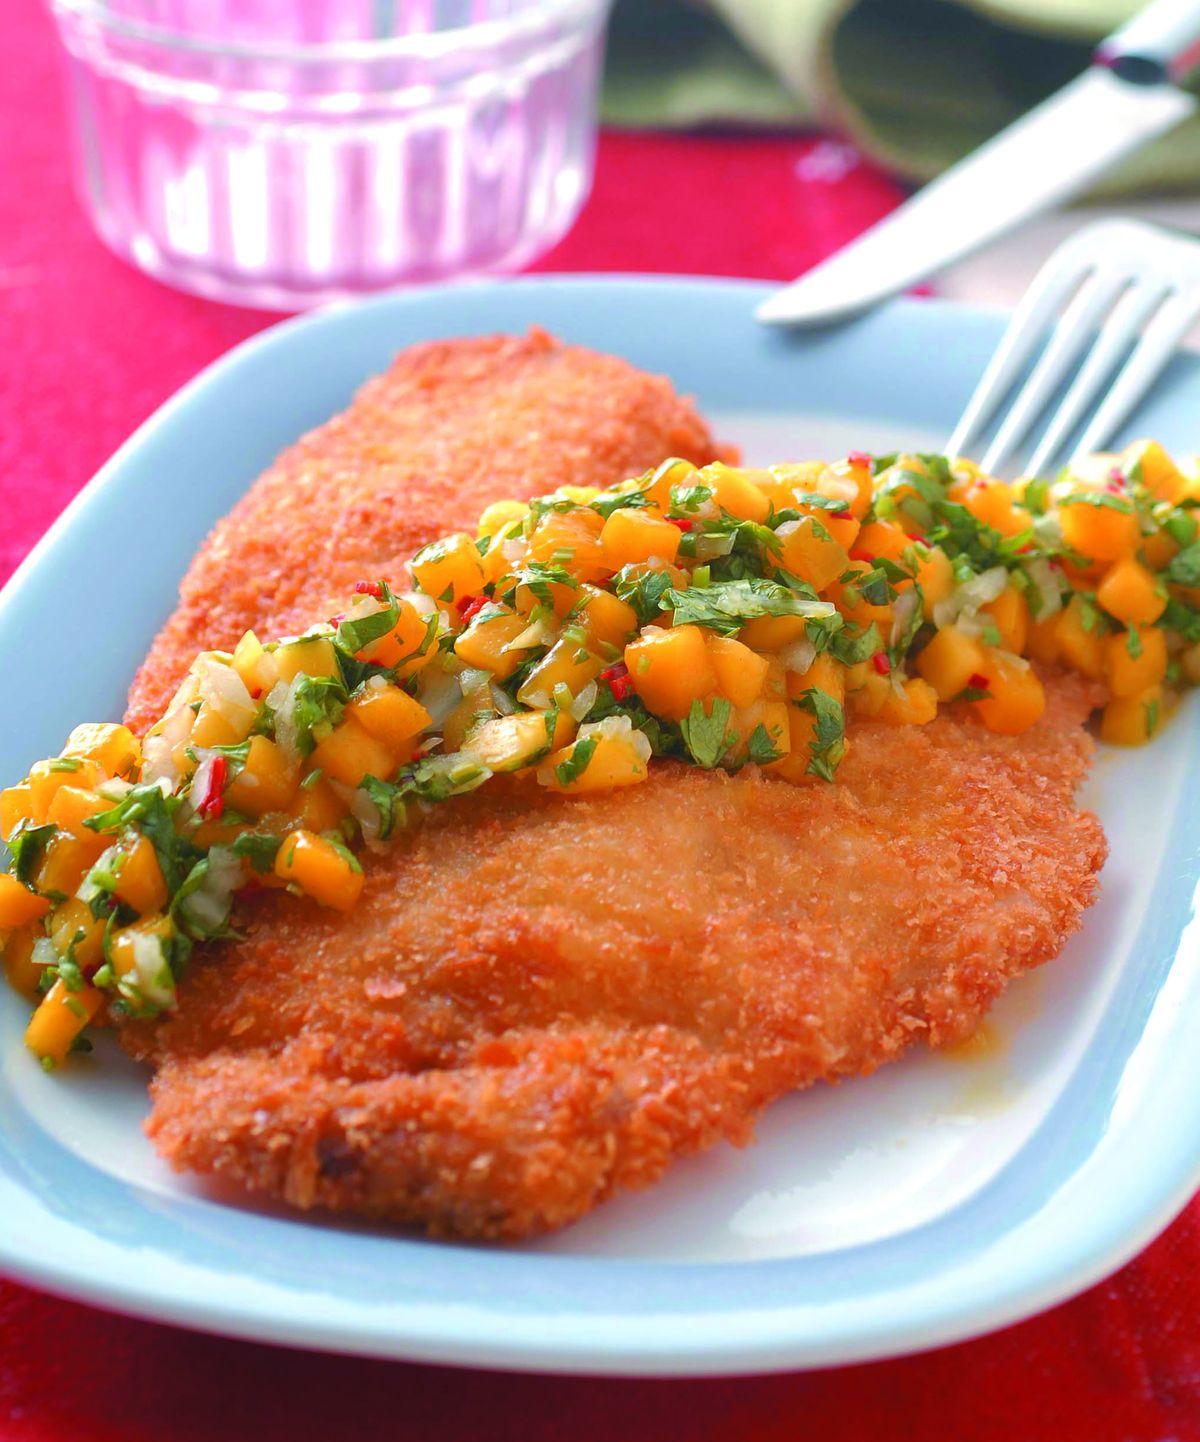 食譜:酥炸鯛魚佐芒果莎莎醬